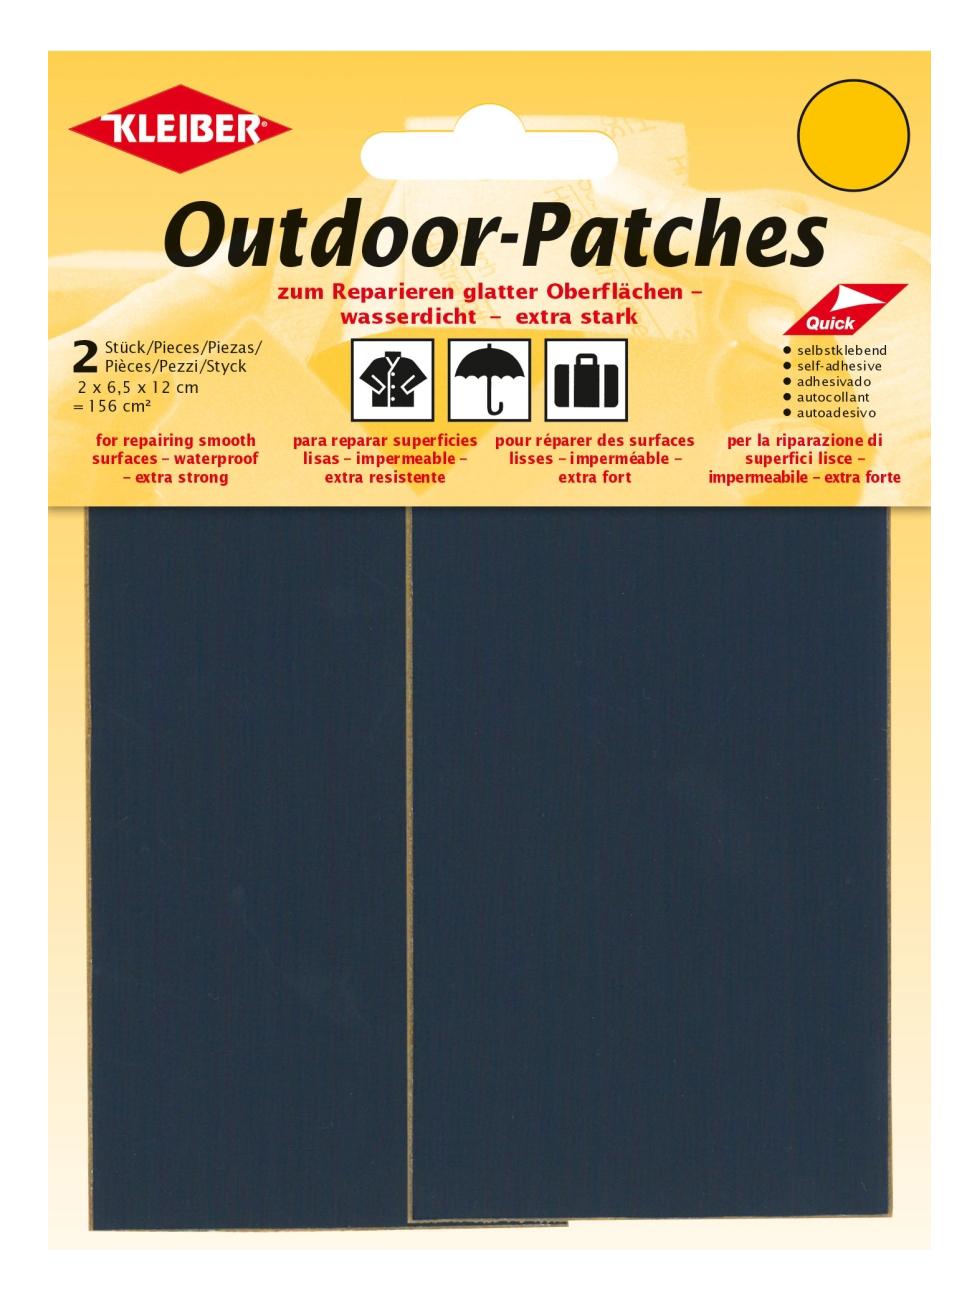 KLEIBER Outdoor-Patches dunkelblau